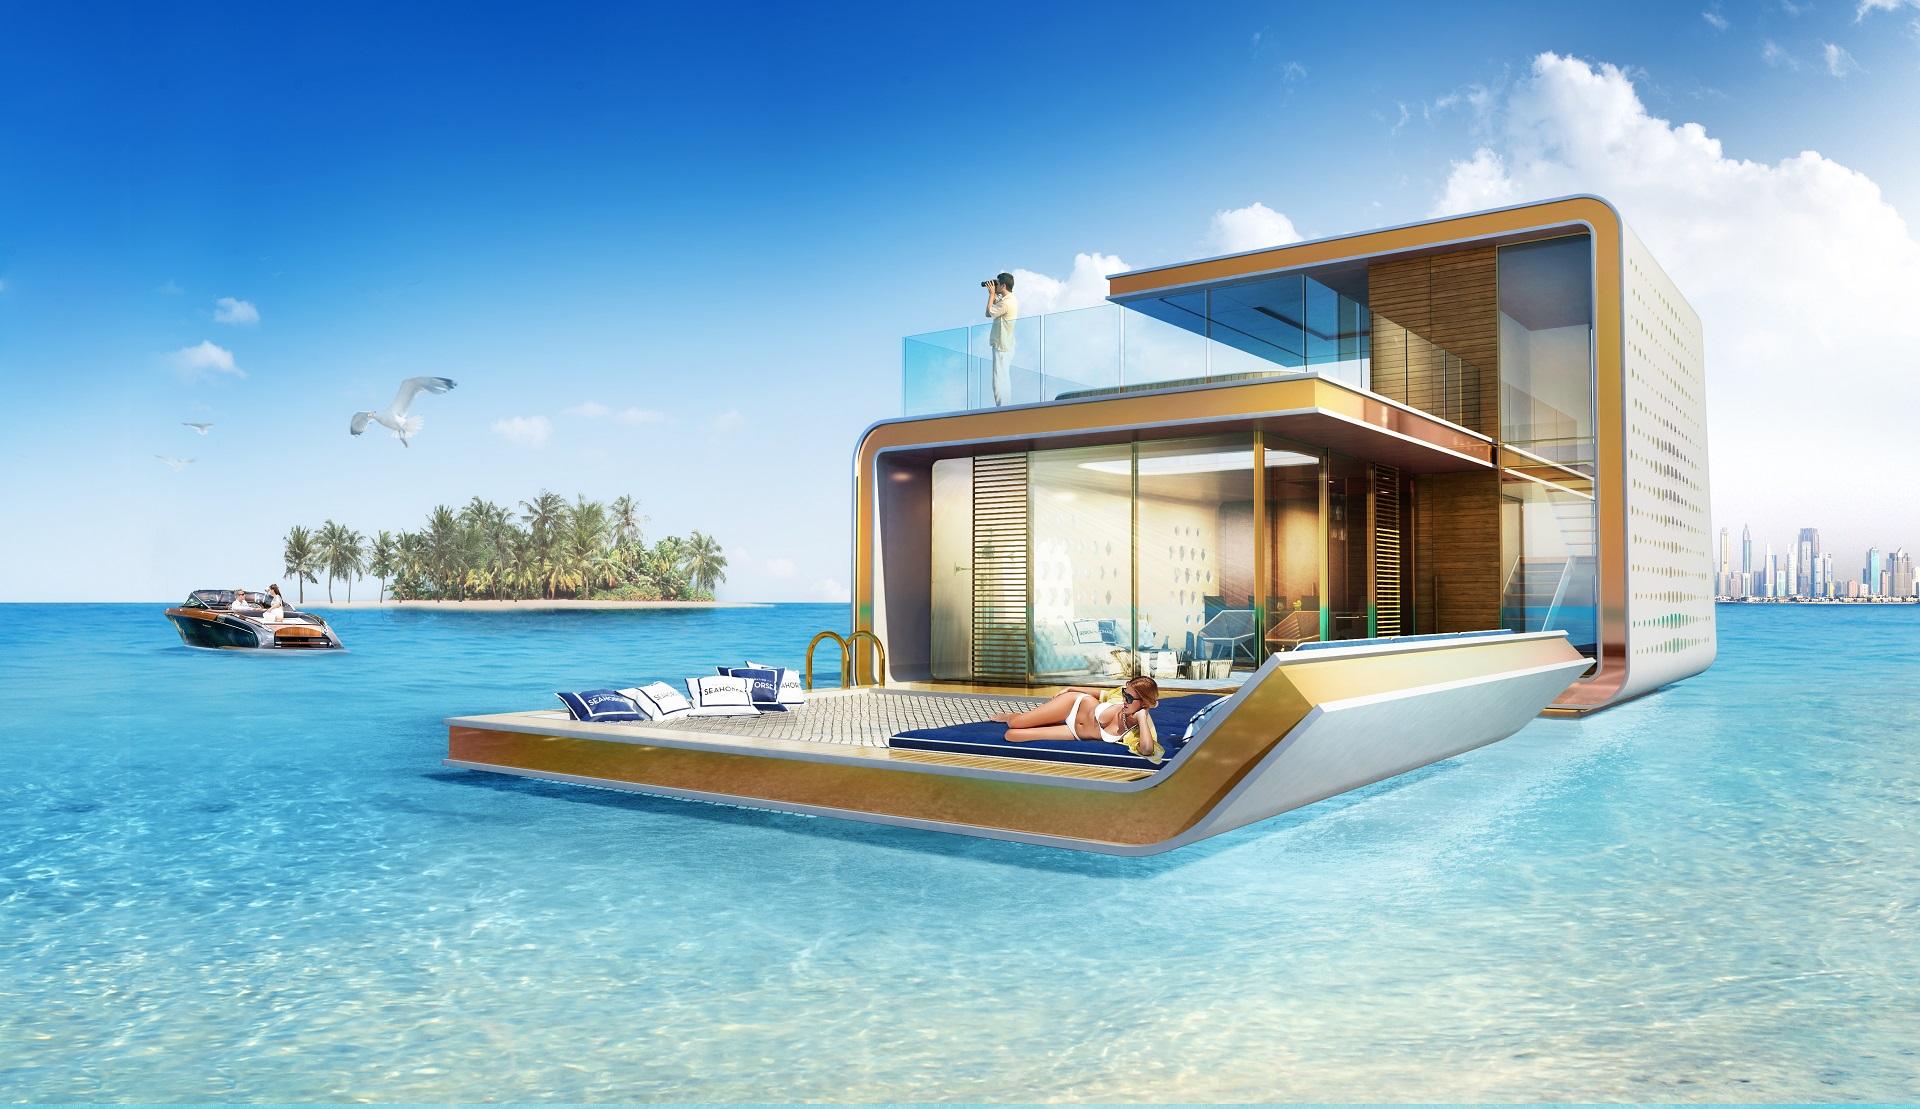 В Дубае показали новую коллекцию плавучих домов